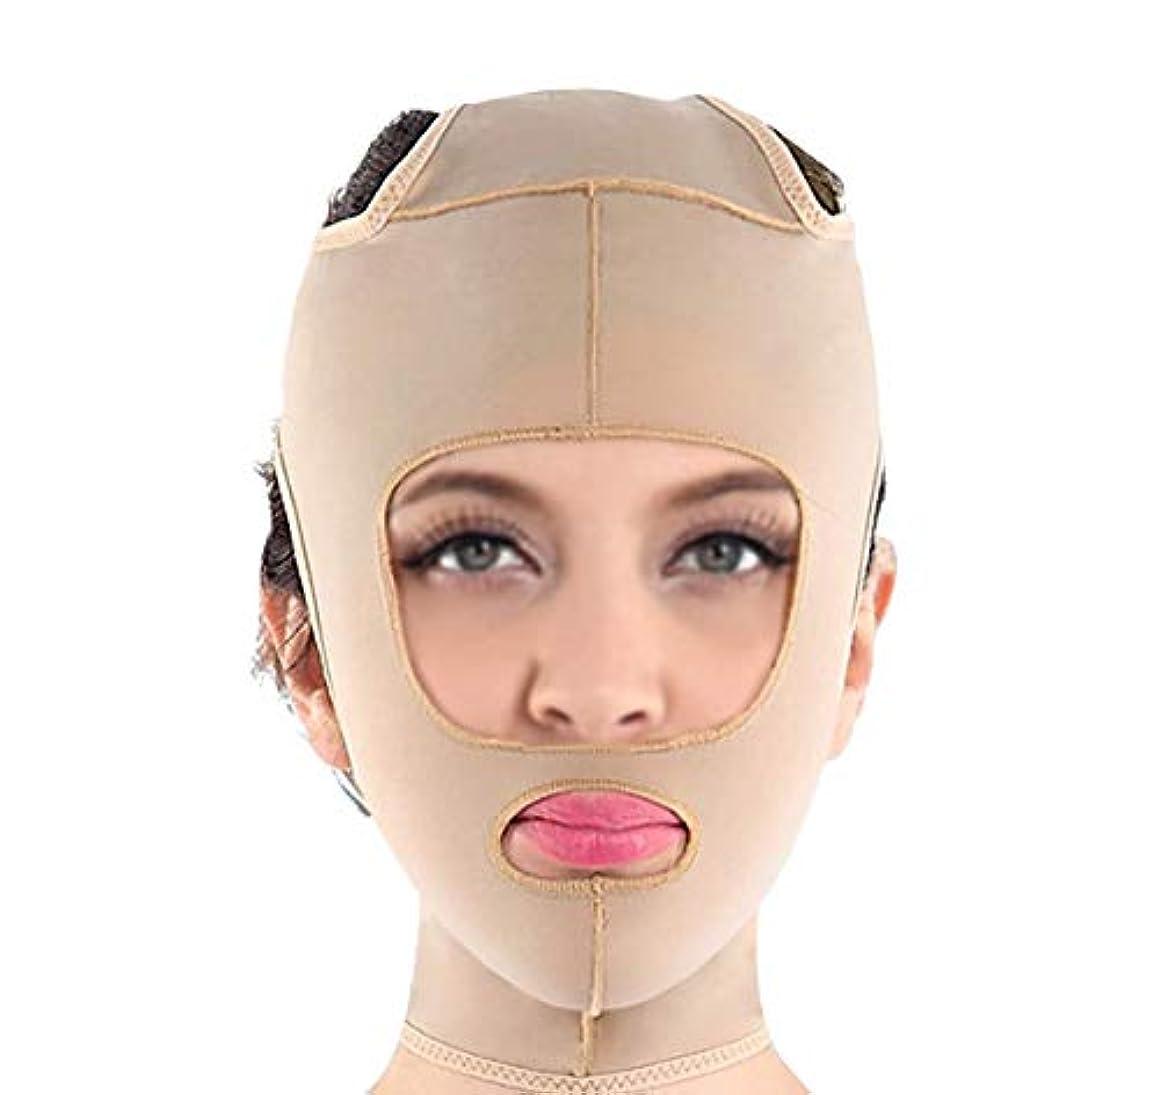 包帯vフェイス楽器フェイスマスクマジックフェイスフェイシャル引き締めフェイシャルマッサージフェイシャルリンクルリフティング引き締めプラスチックマスク(サイズ:Xl),M